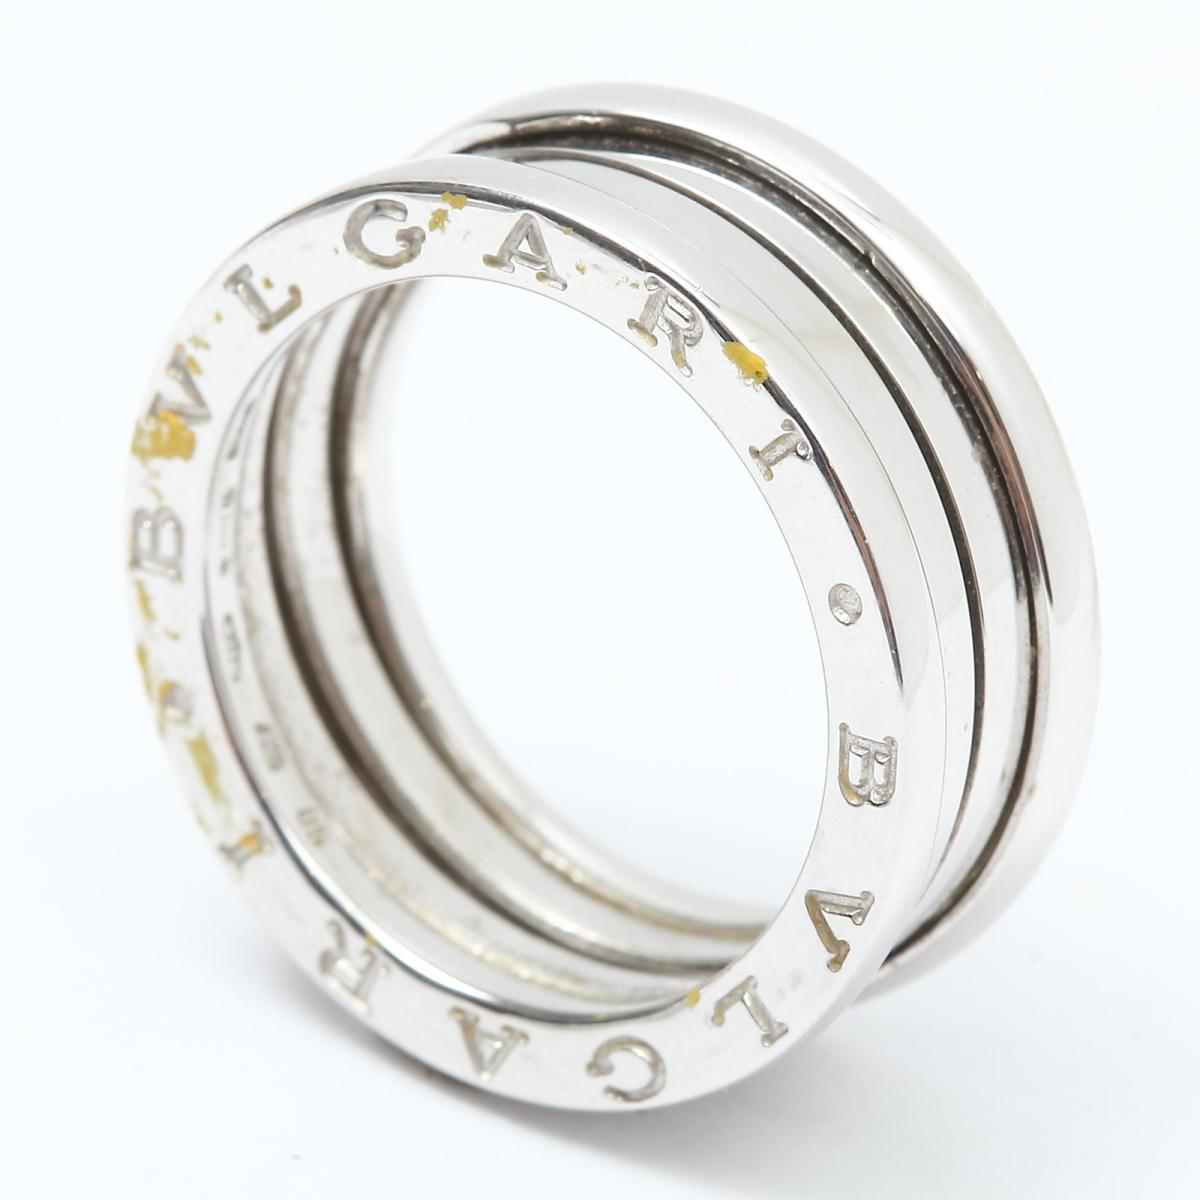 fe8a4b935308 中古】 ブルガリ B-zero1 リング Sサイズ 指輪 ビーゼロワン メンズ ...